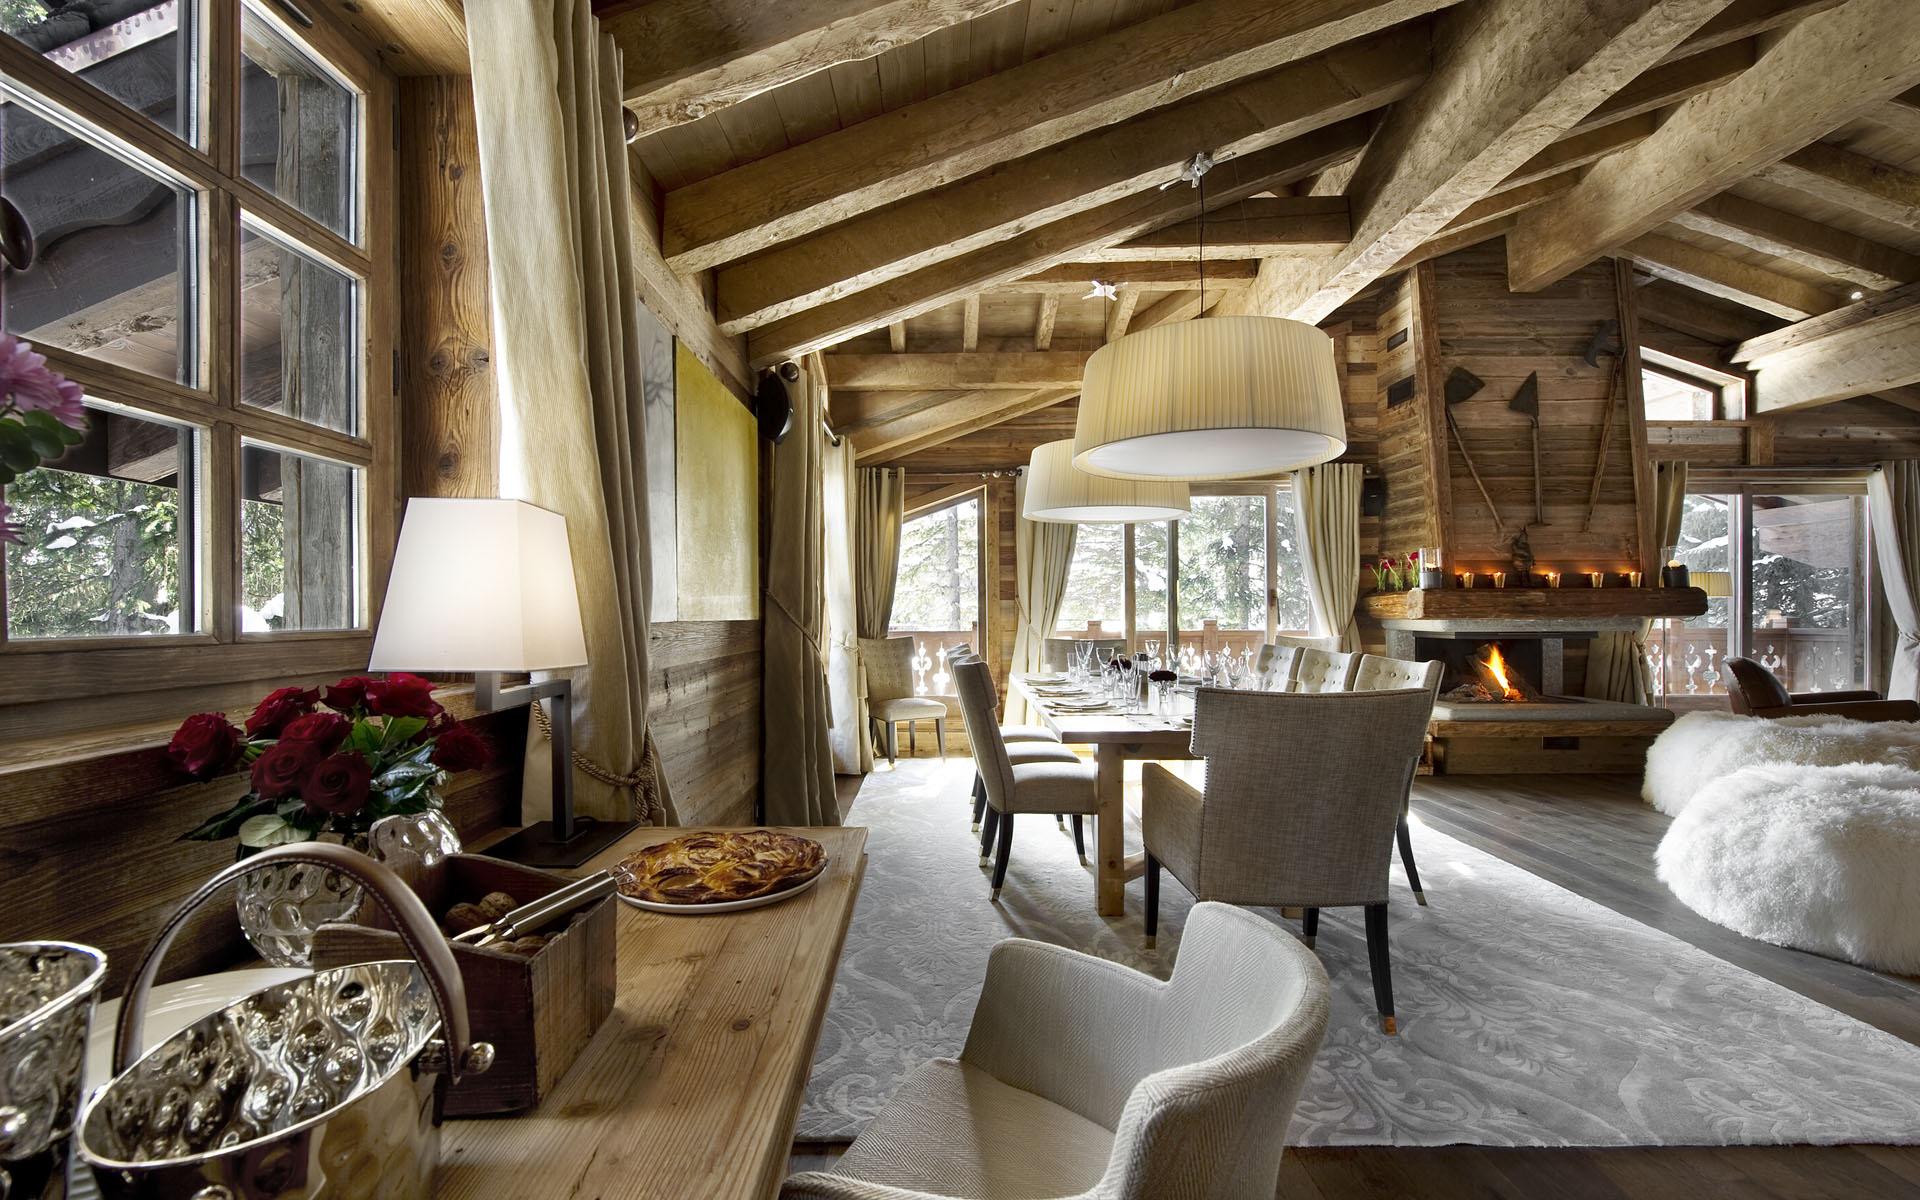 Оформление дома в стиле кантри может быть самым разнообразным, ведь не обязательно выбирать национальный дизайн, можно так же рассмотреть варианты швейцарского шале или американского ранчо